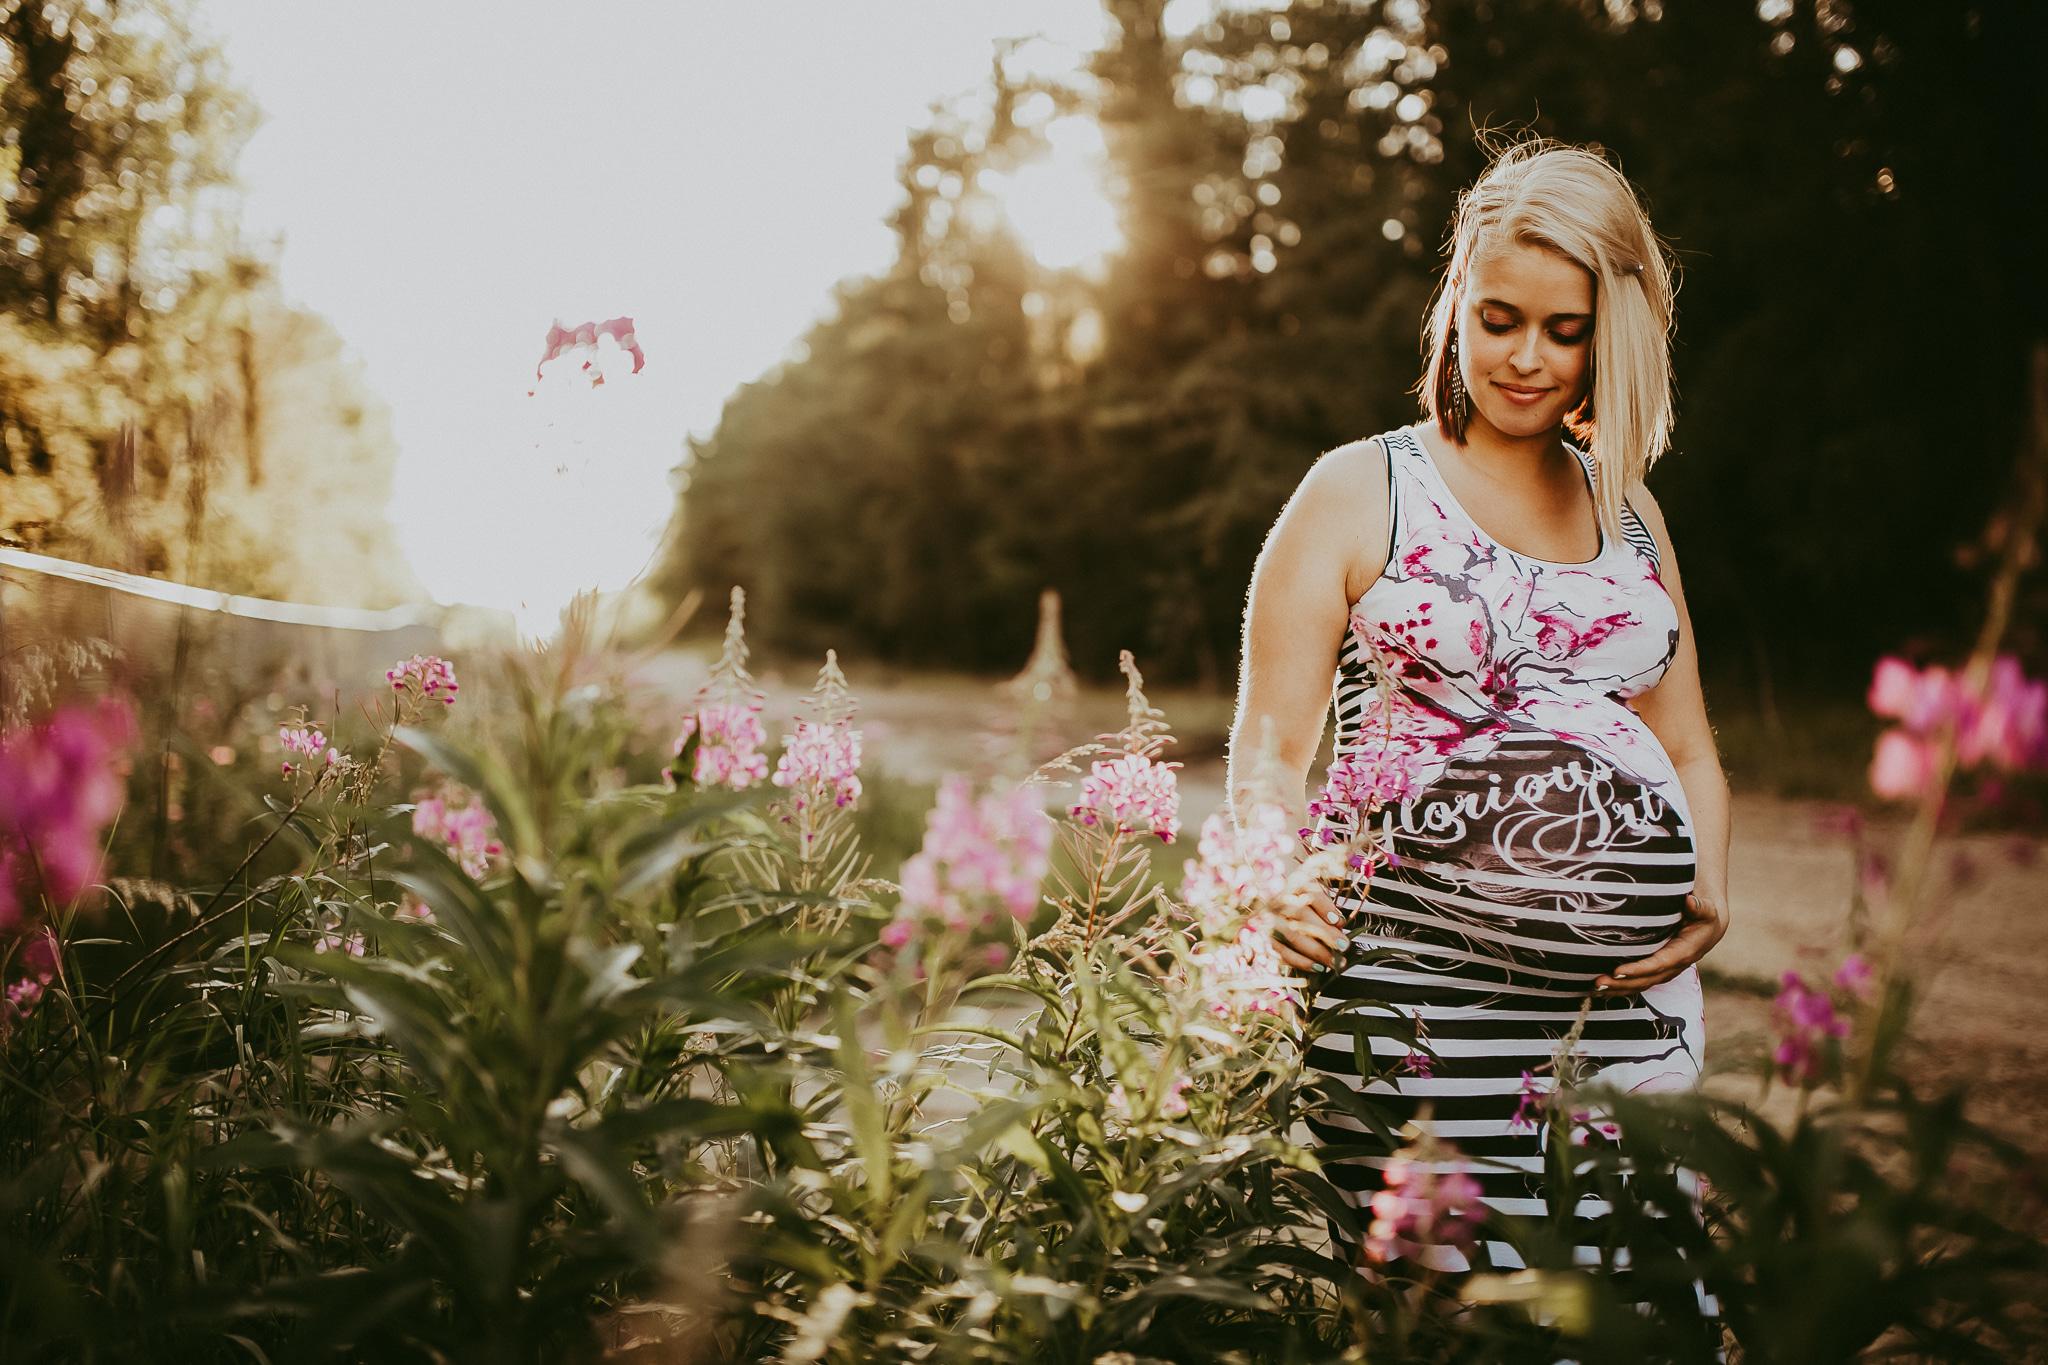 Alina-Joy-Photography-Cold-Lake-Lifestyle-Photographer-38.jpg